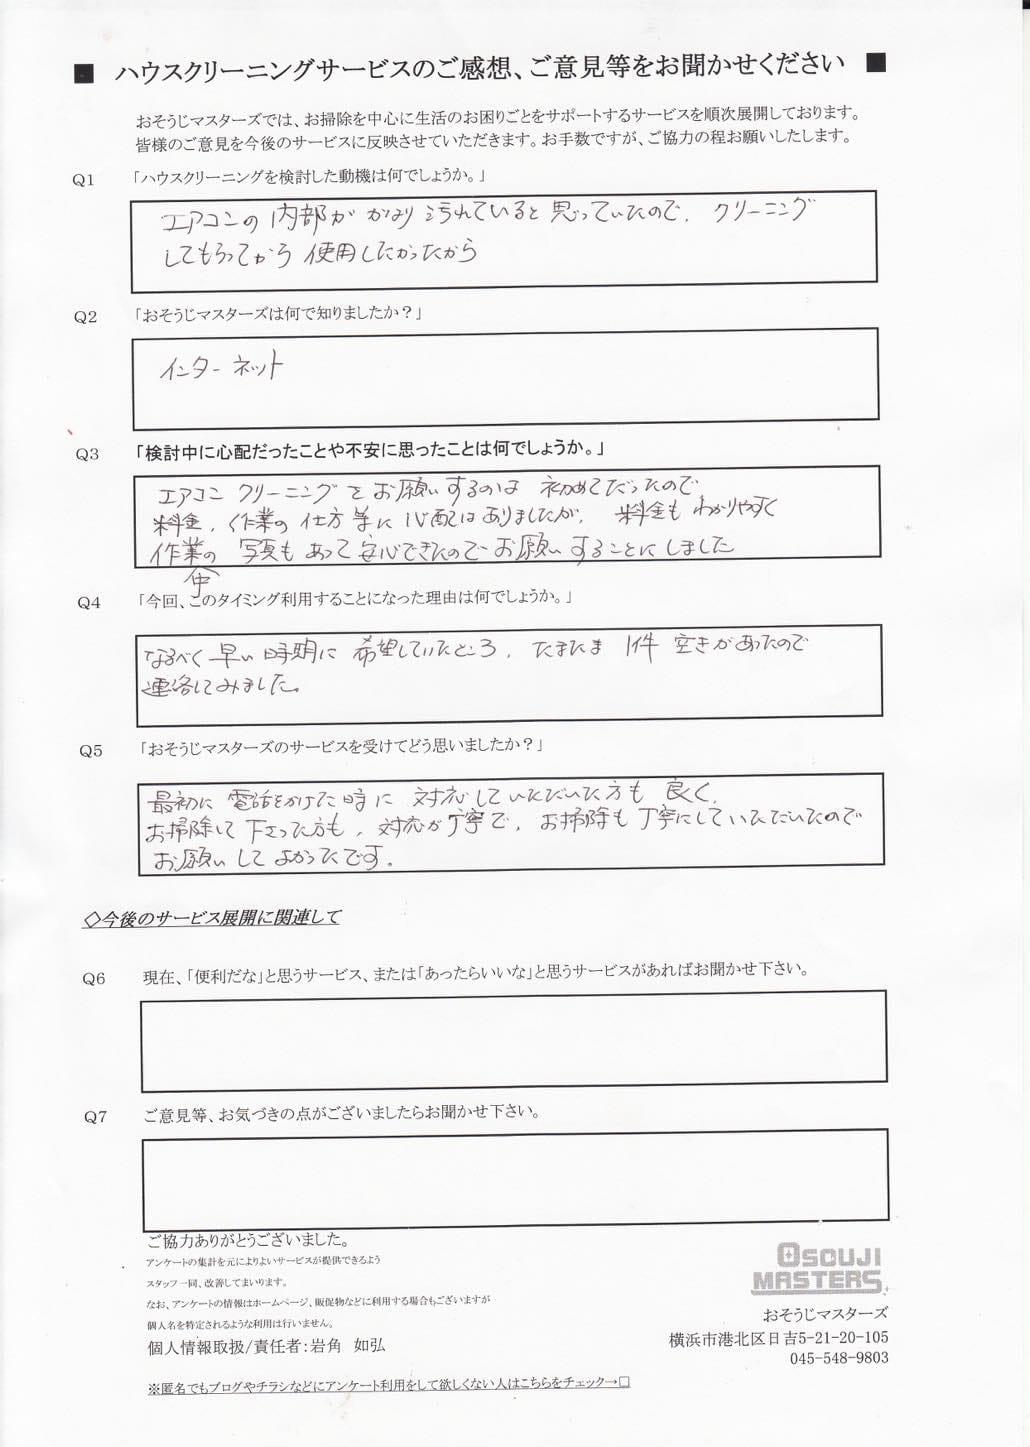 2015/08/01 エアコンクリーニング 横浜市南区